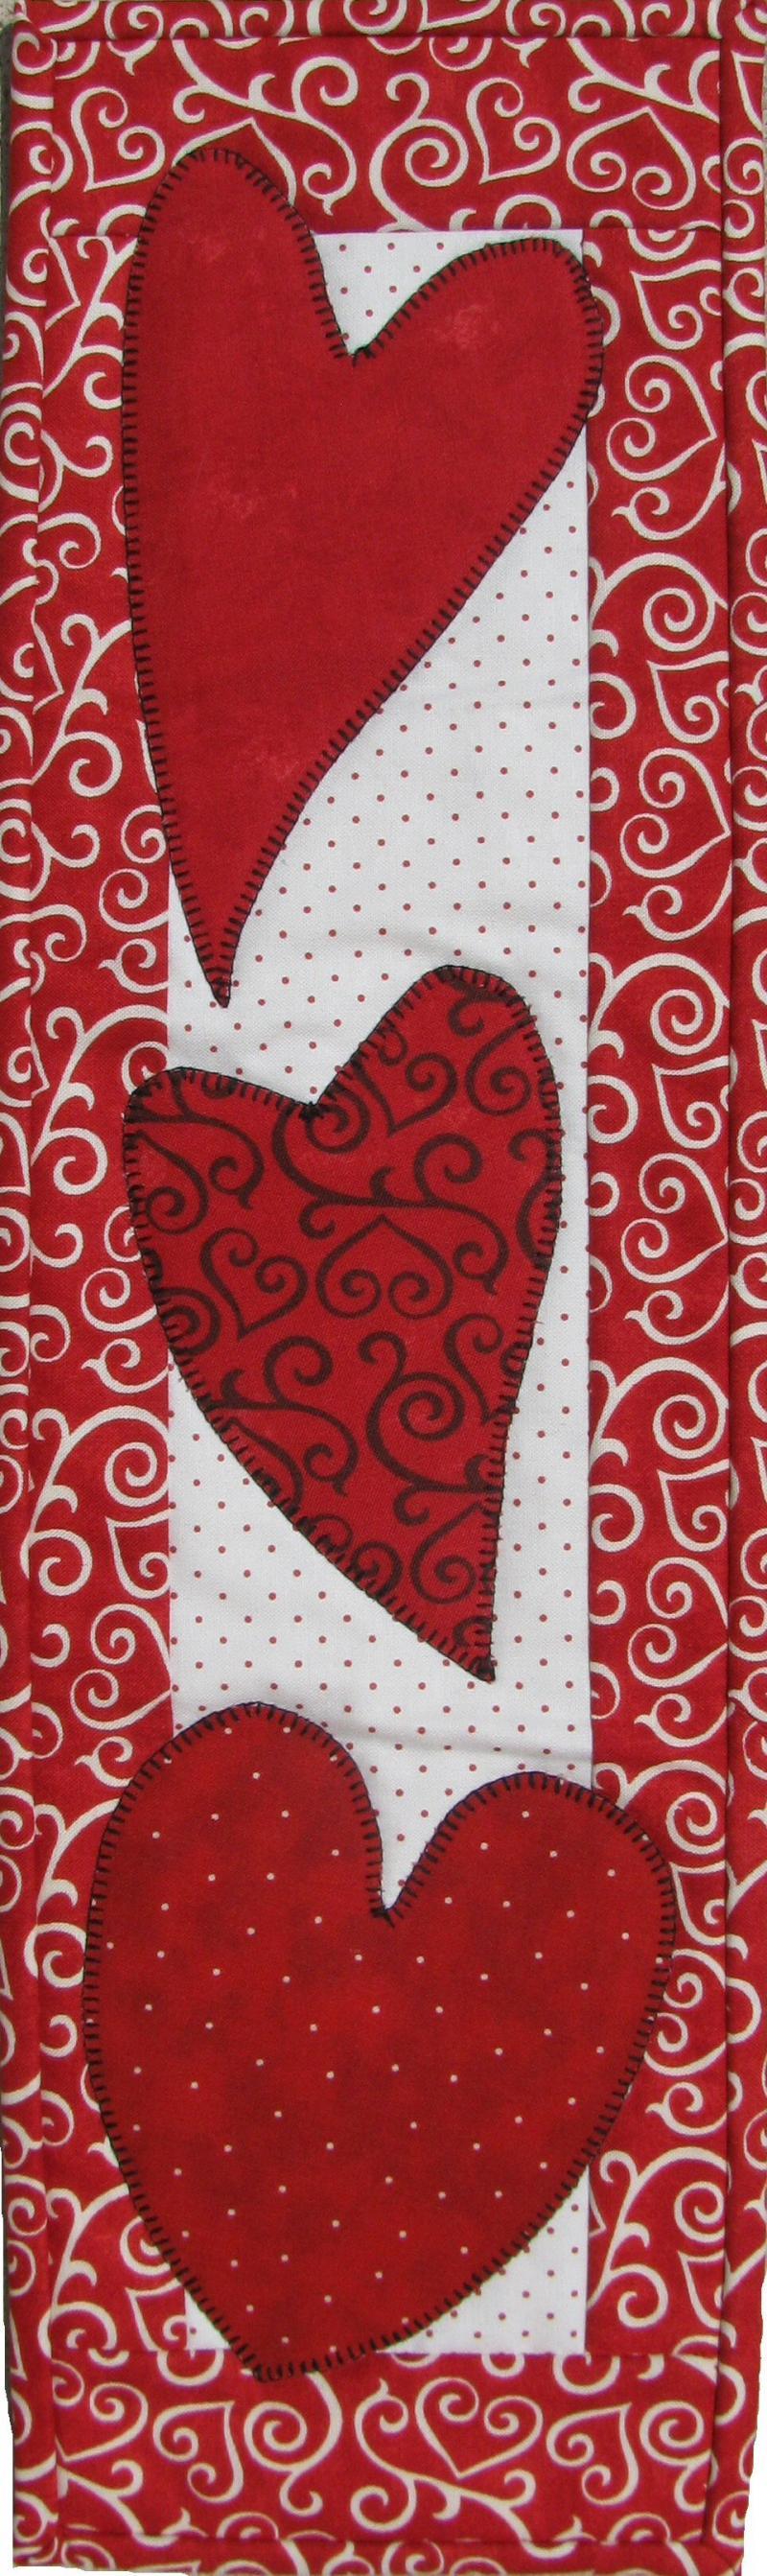 P30 Heart Chain